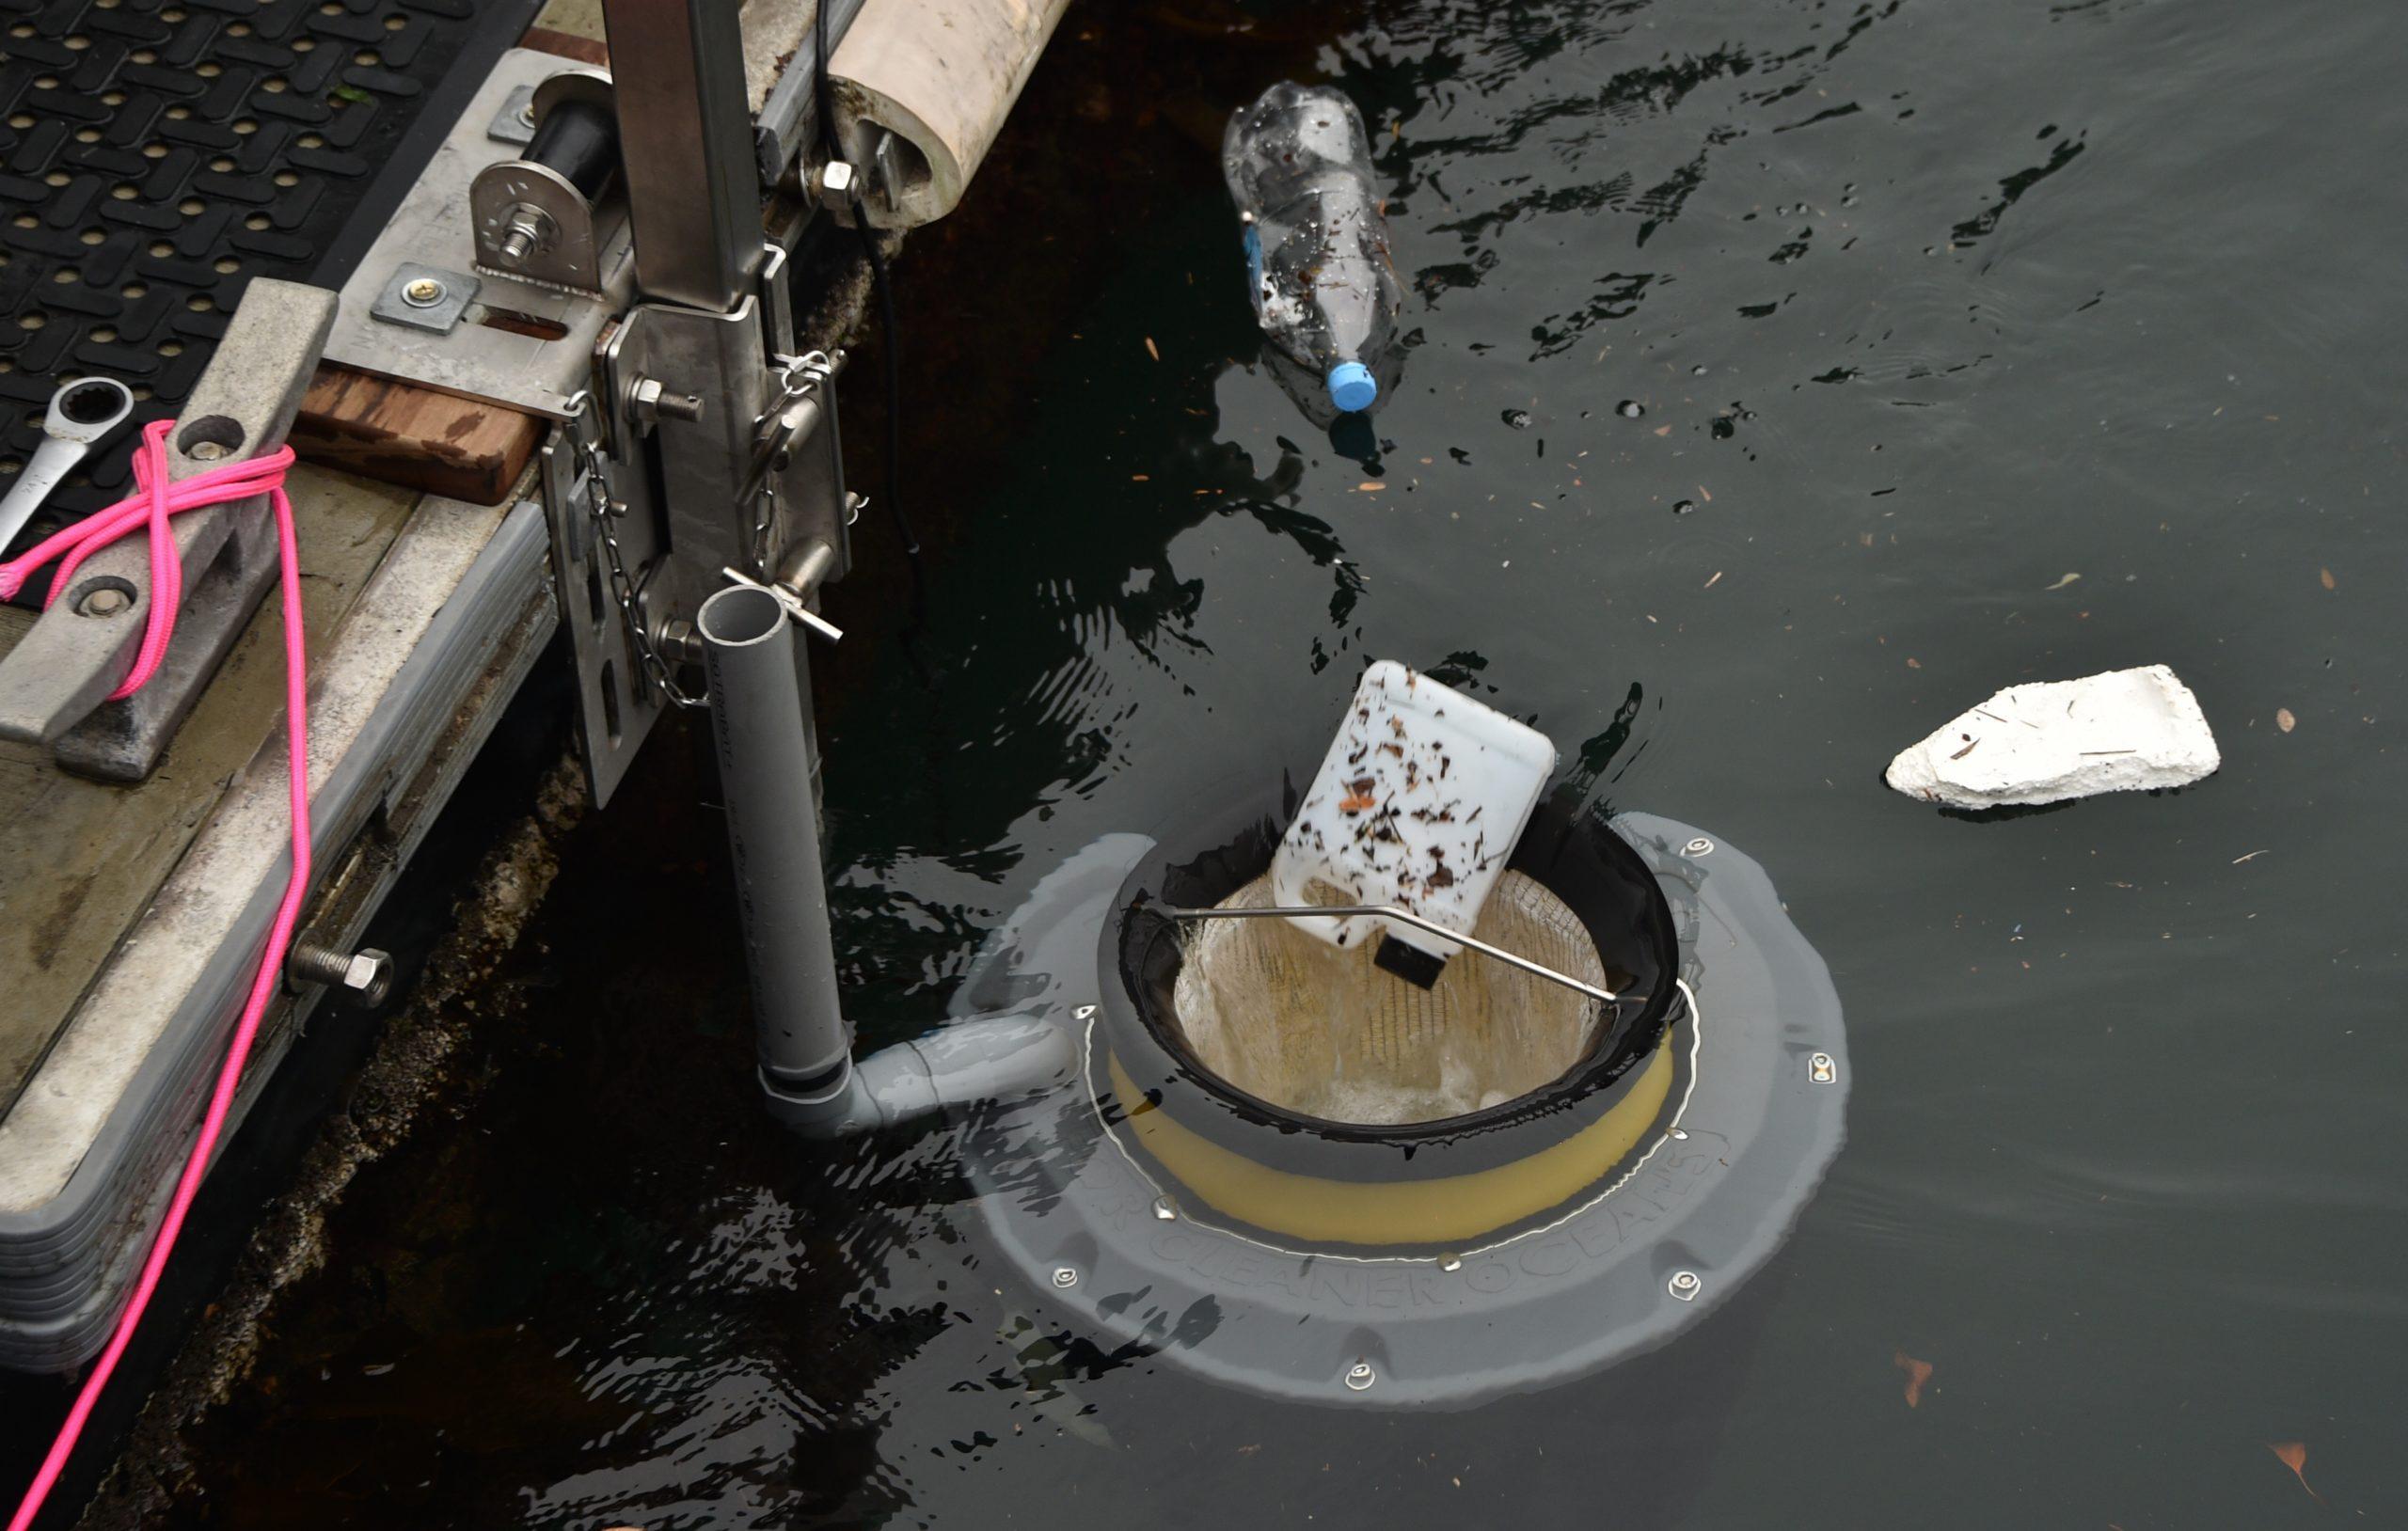 AUSTRALIA-ENVIRONMENT-OCEANS-PLASTICS